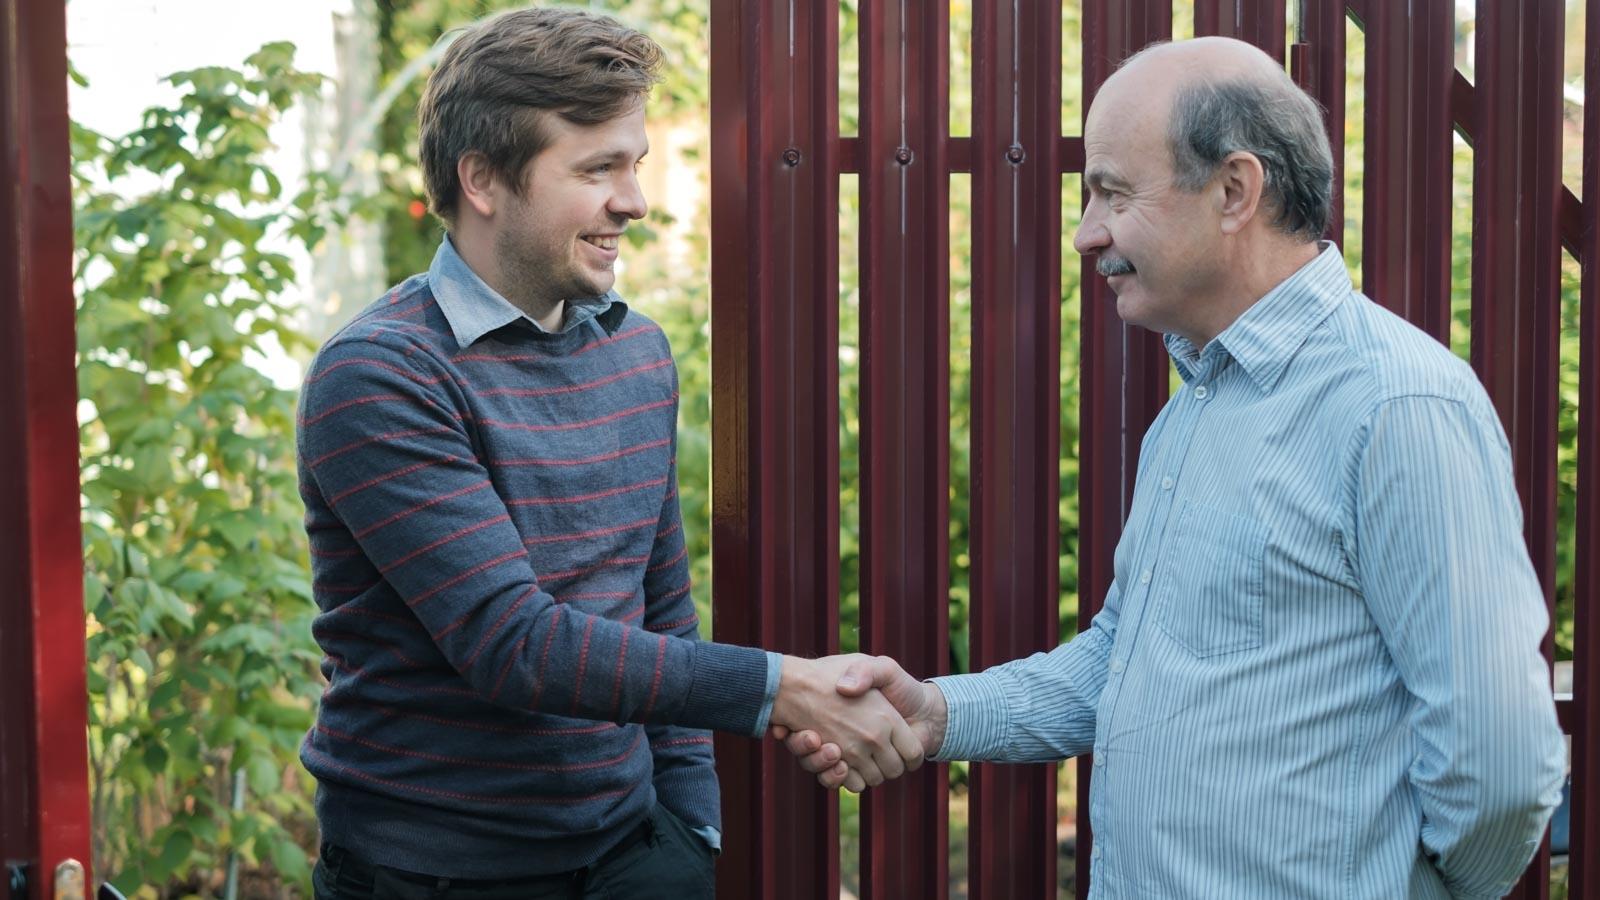 Ein älterer und ein jüngerer Mann reichen sich am Gartentor lächelnd die Hand